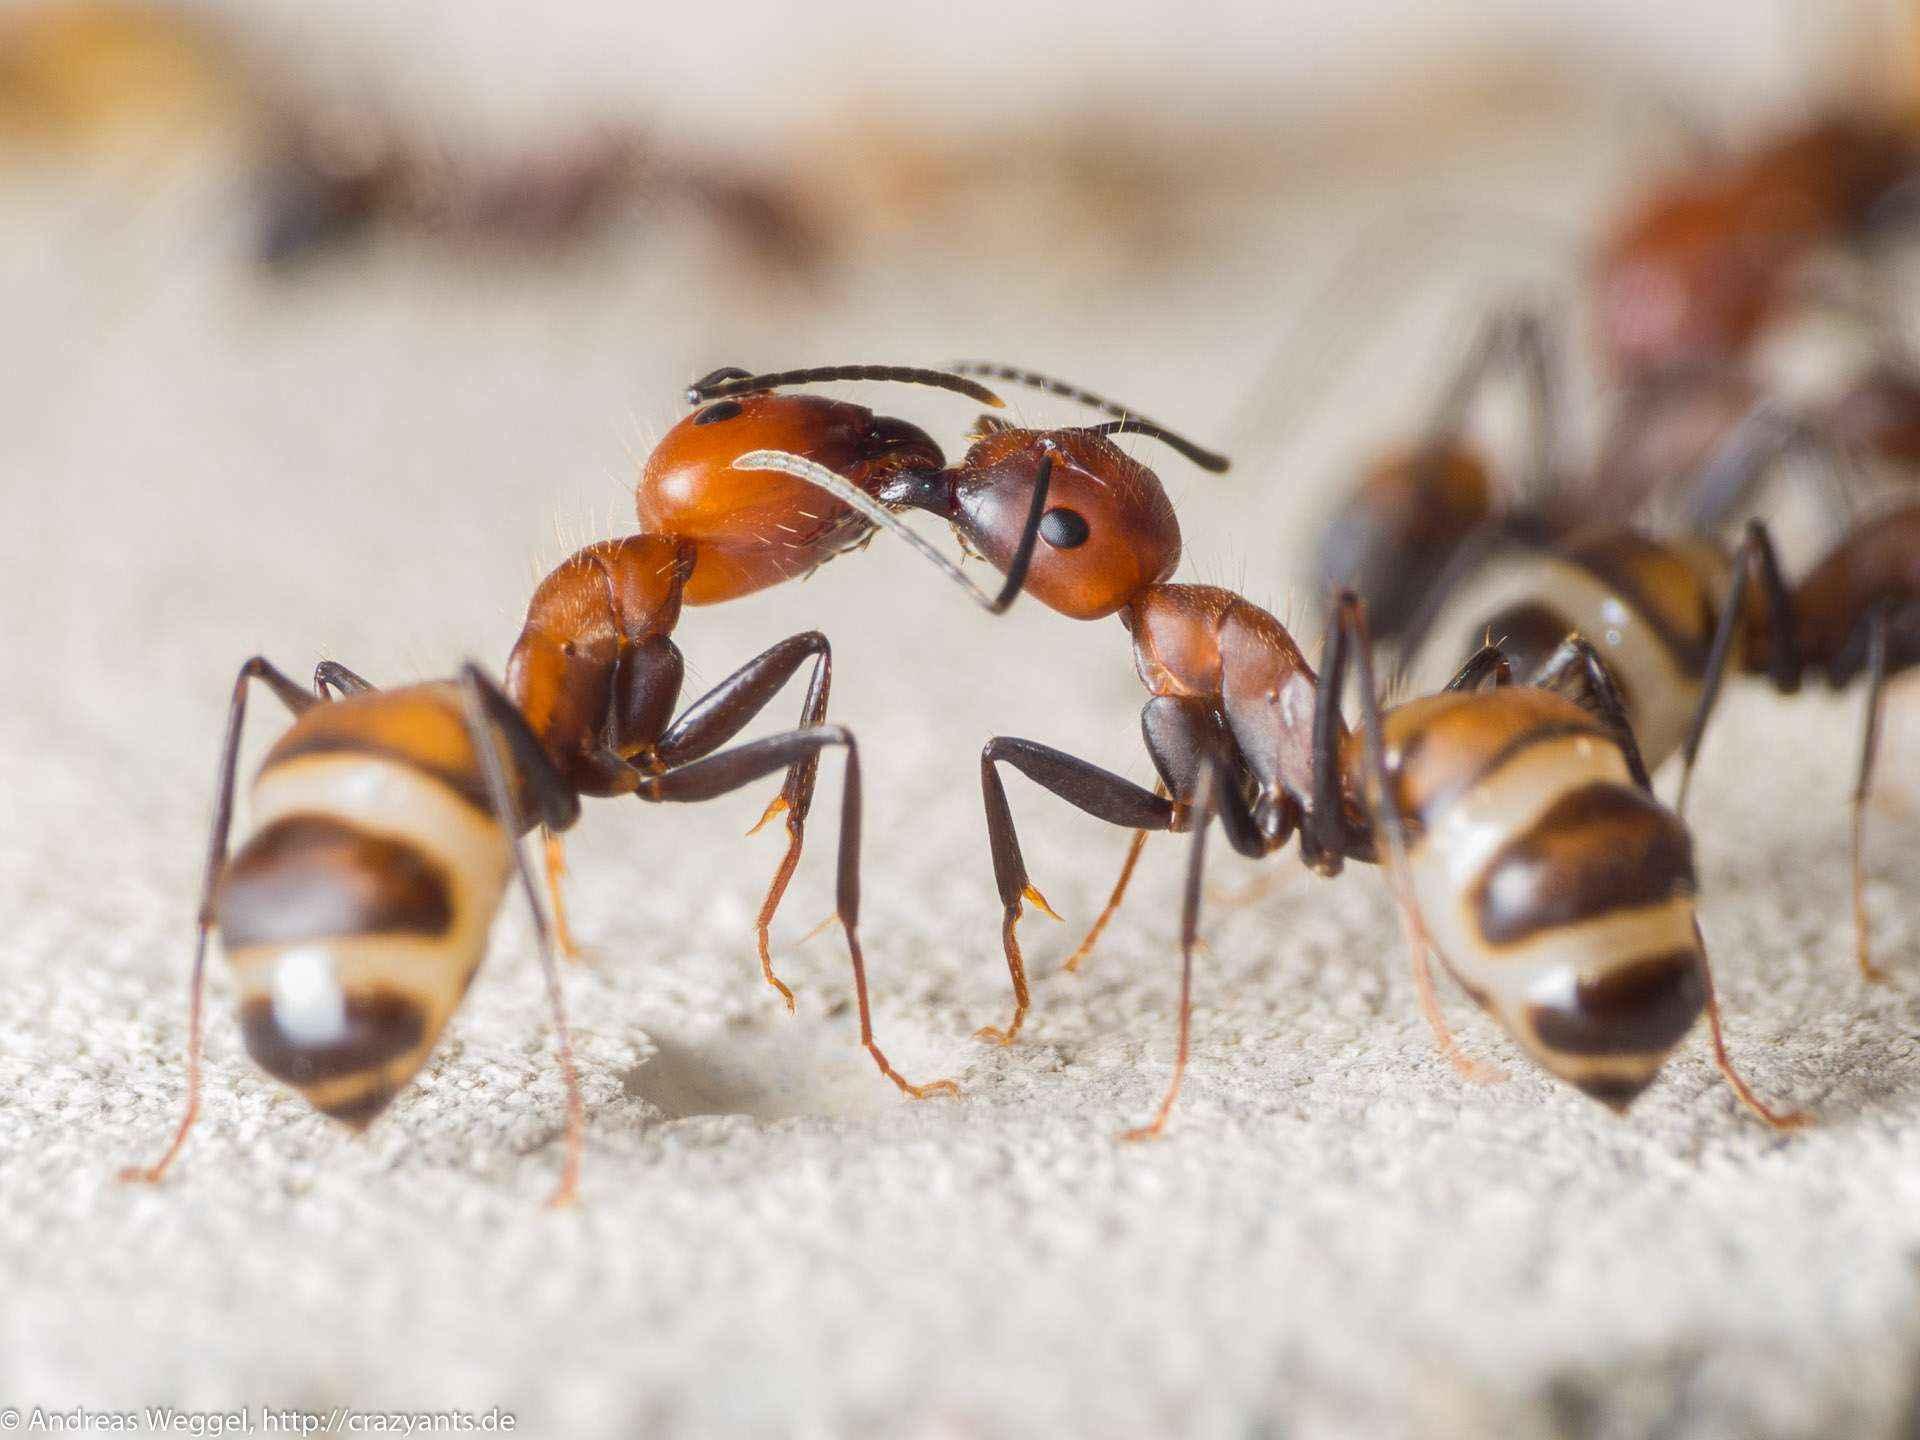 Ab wann und wie oft sollte man die Ameisen füttern?